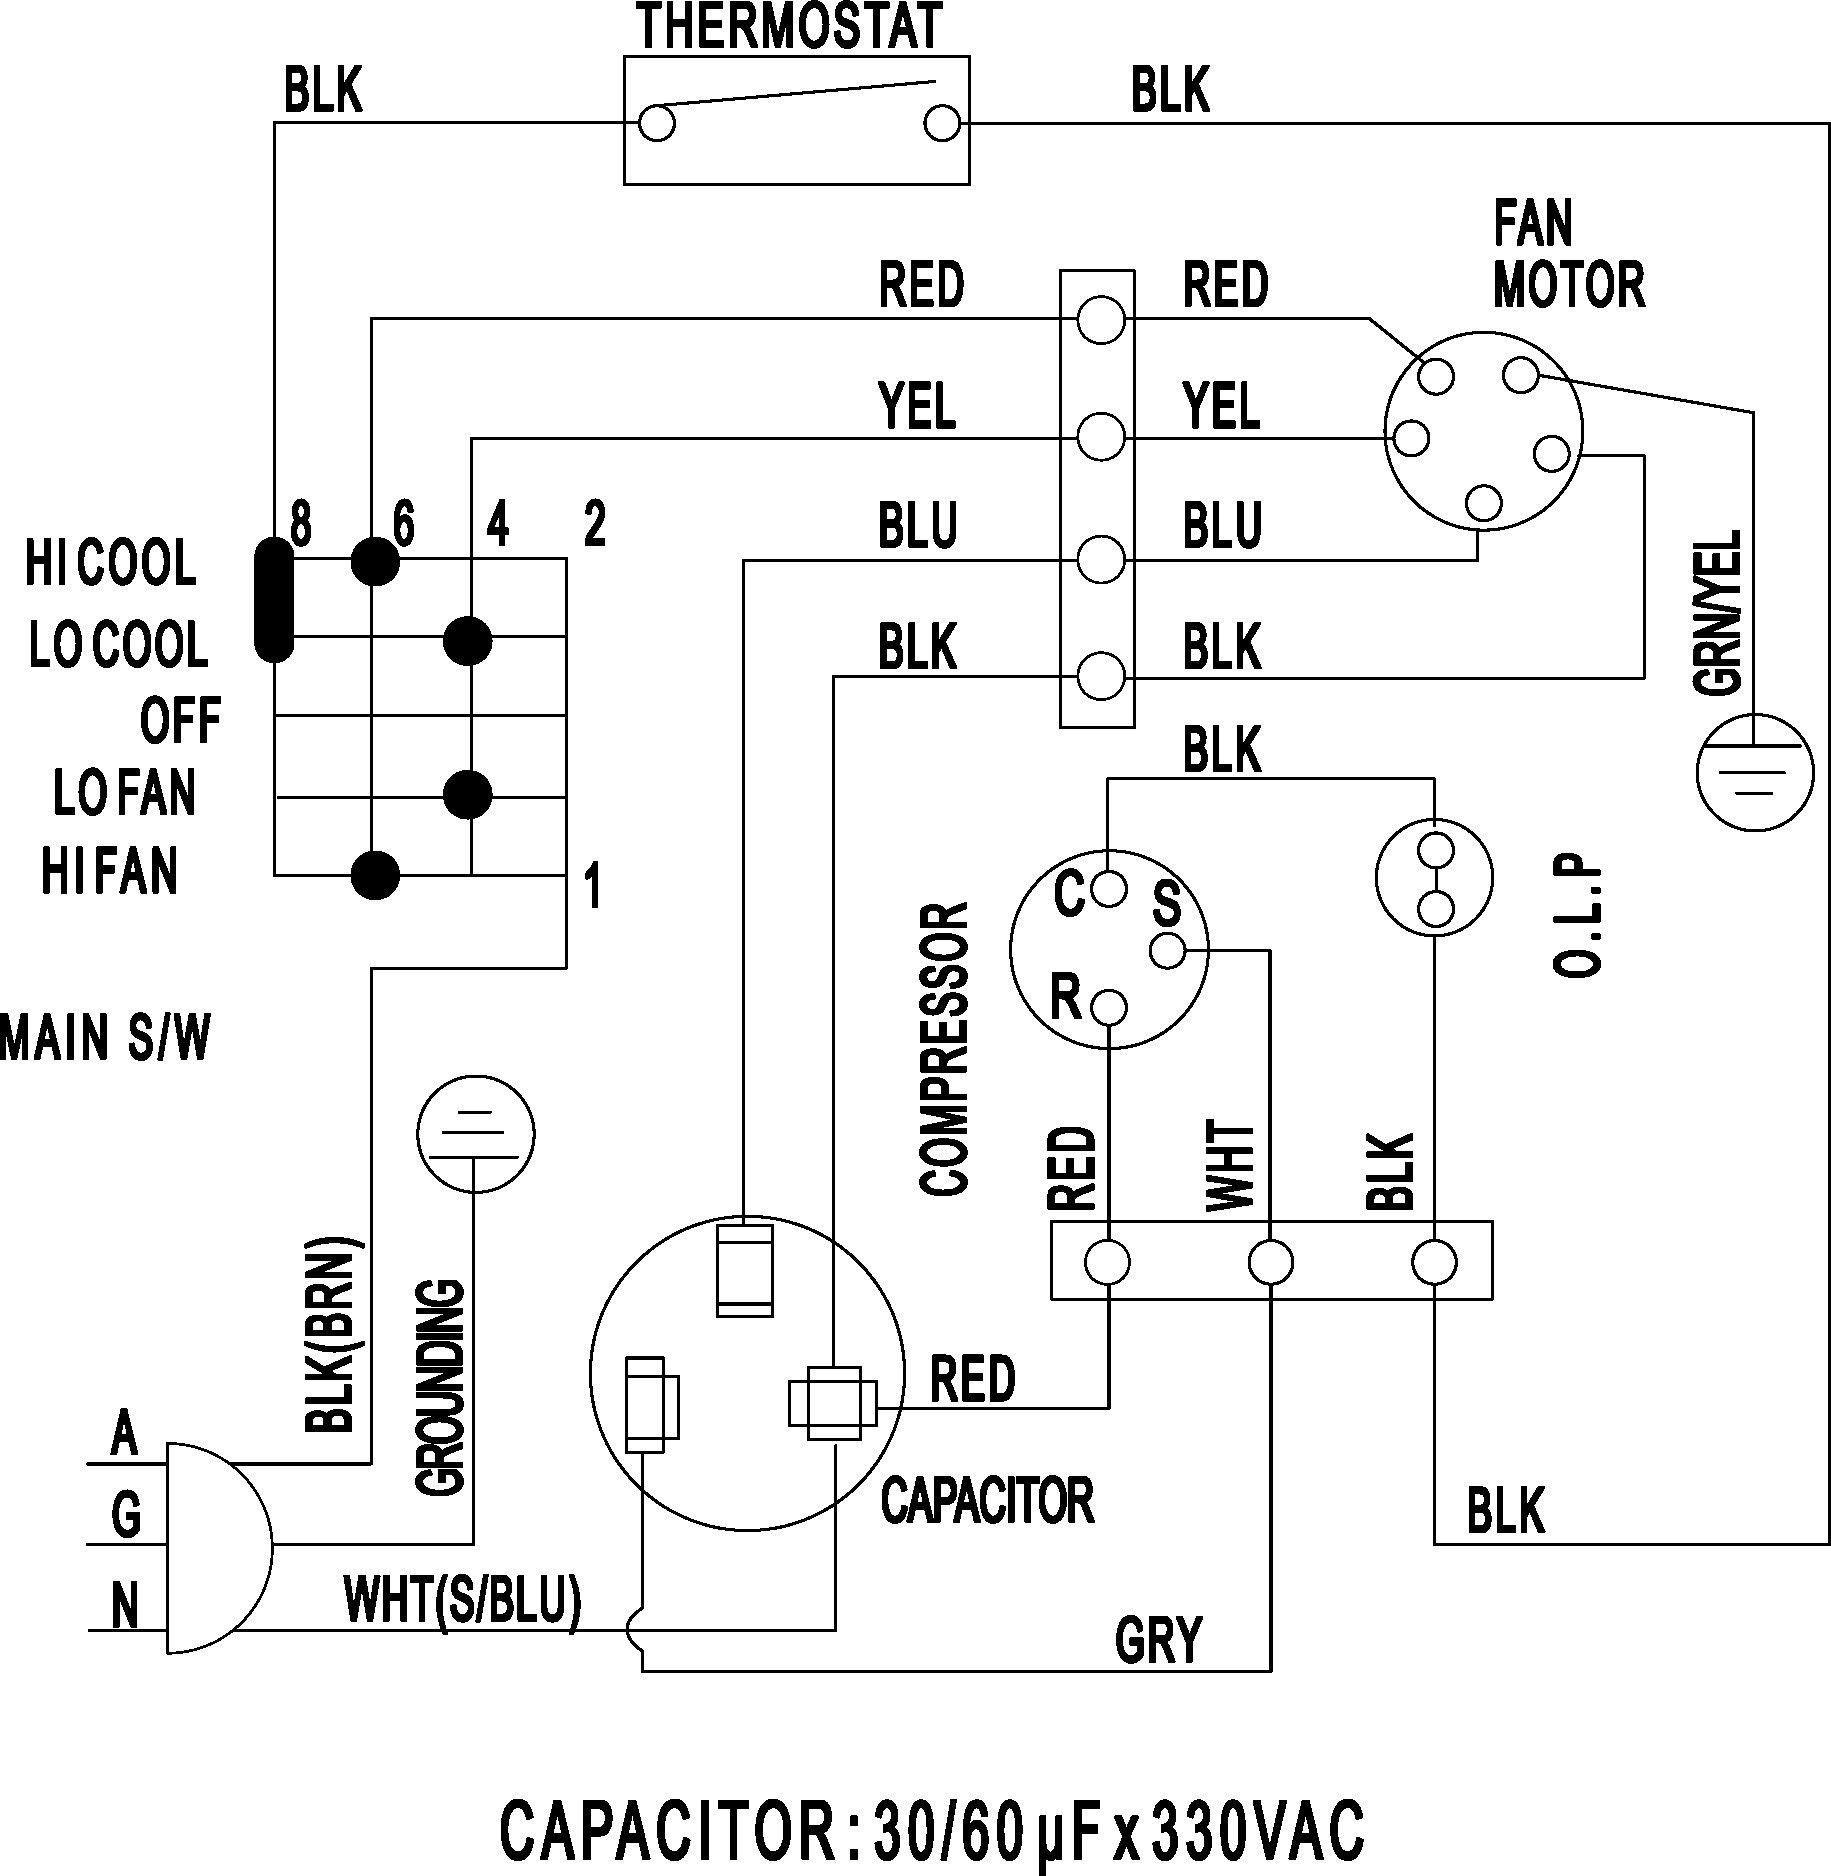 Wiring Diagram Car Fan Diagrama de circuito eléctrico